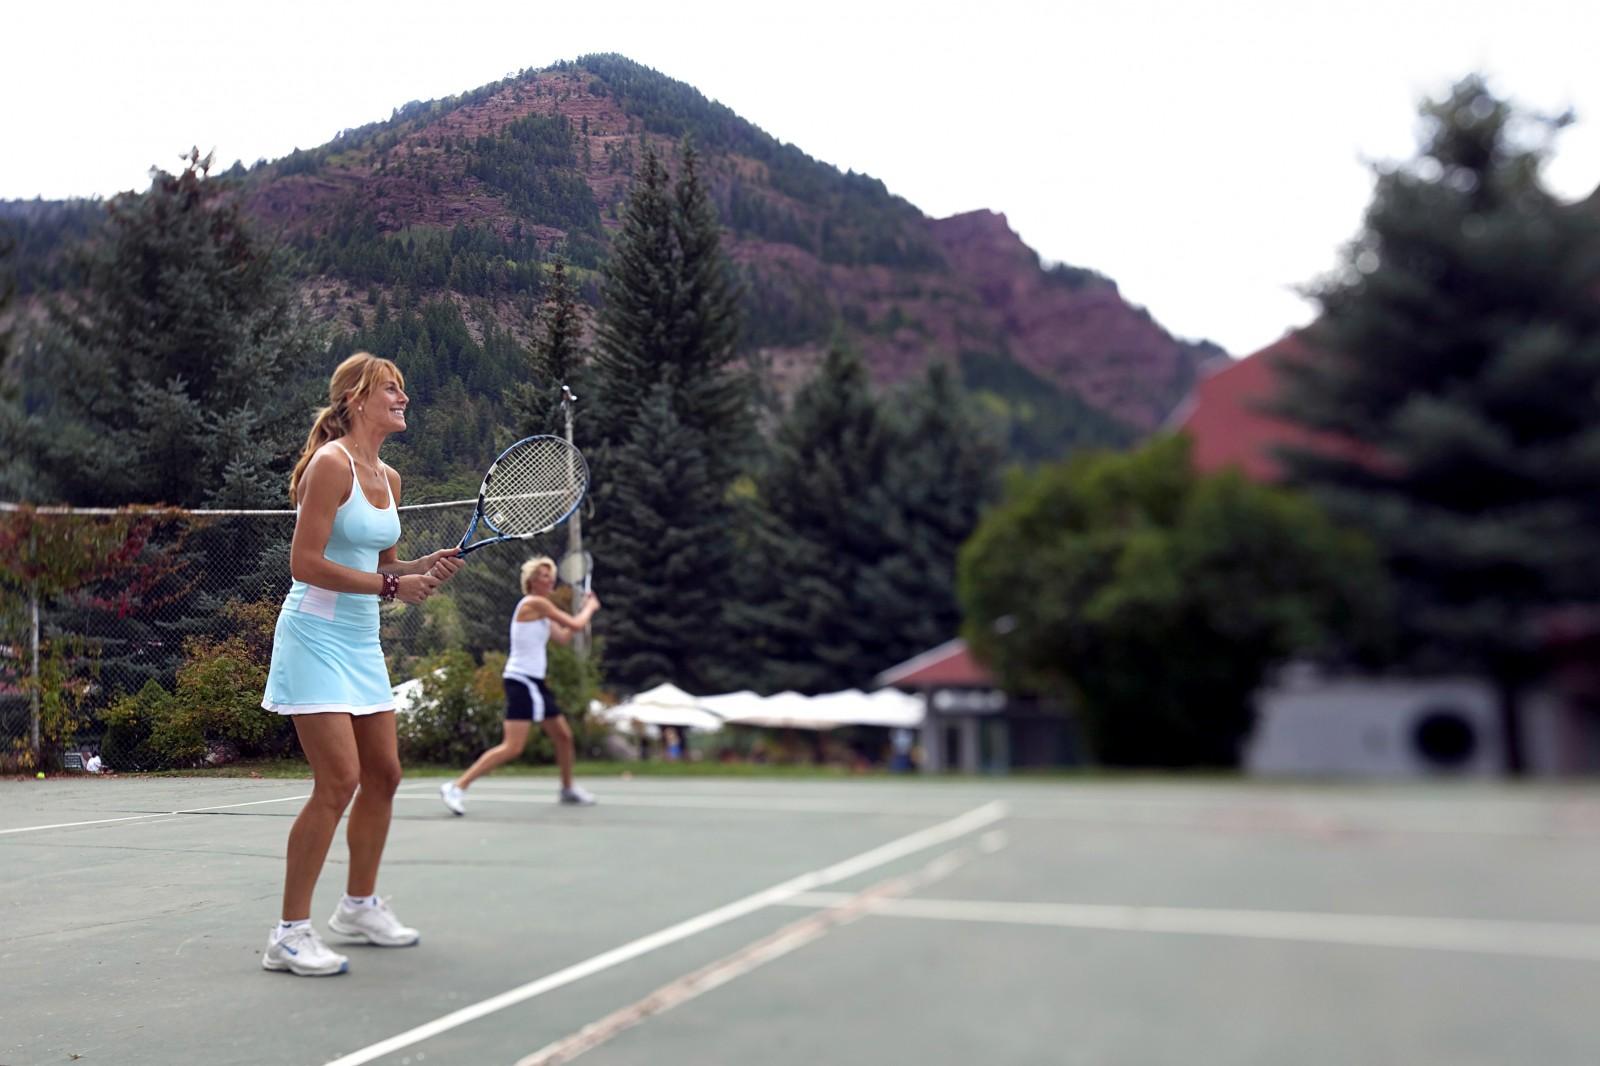 Tennis at The Redstone Inn